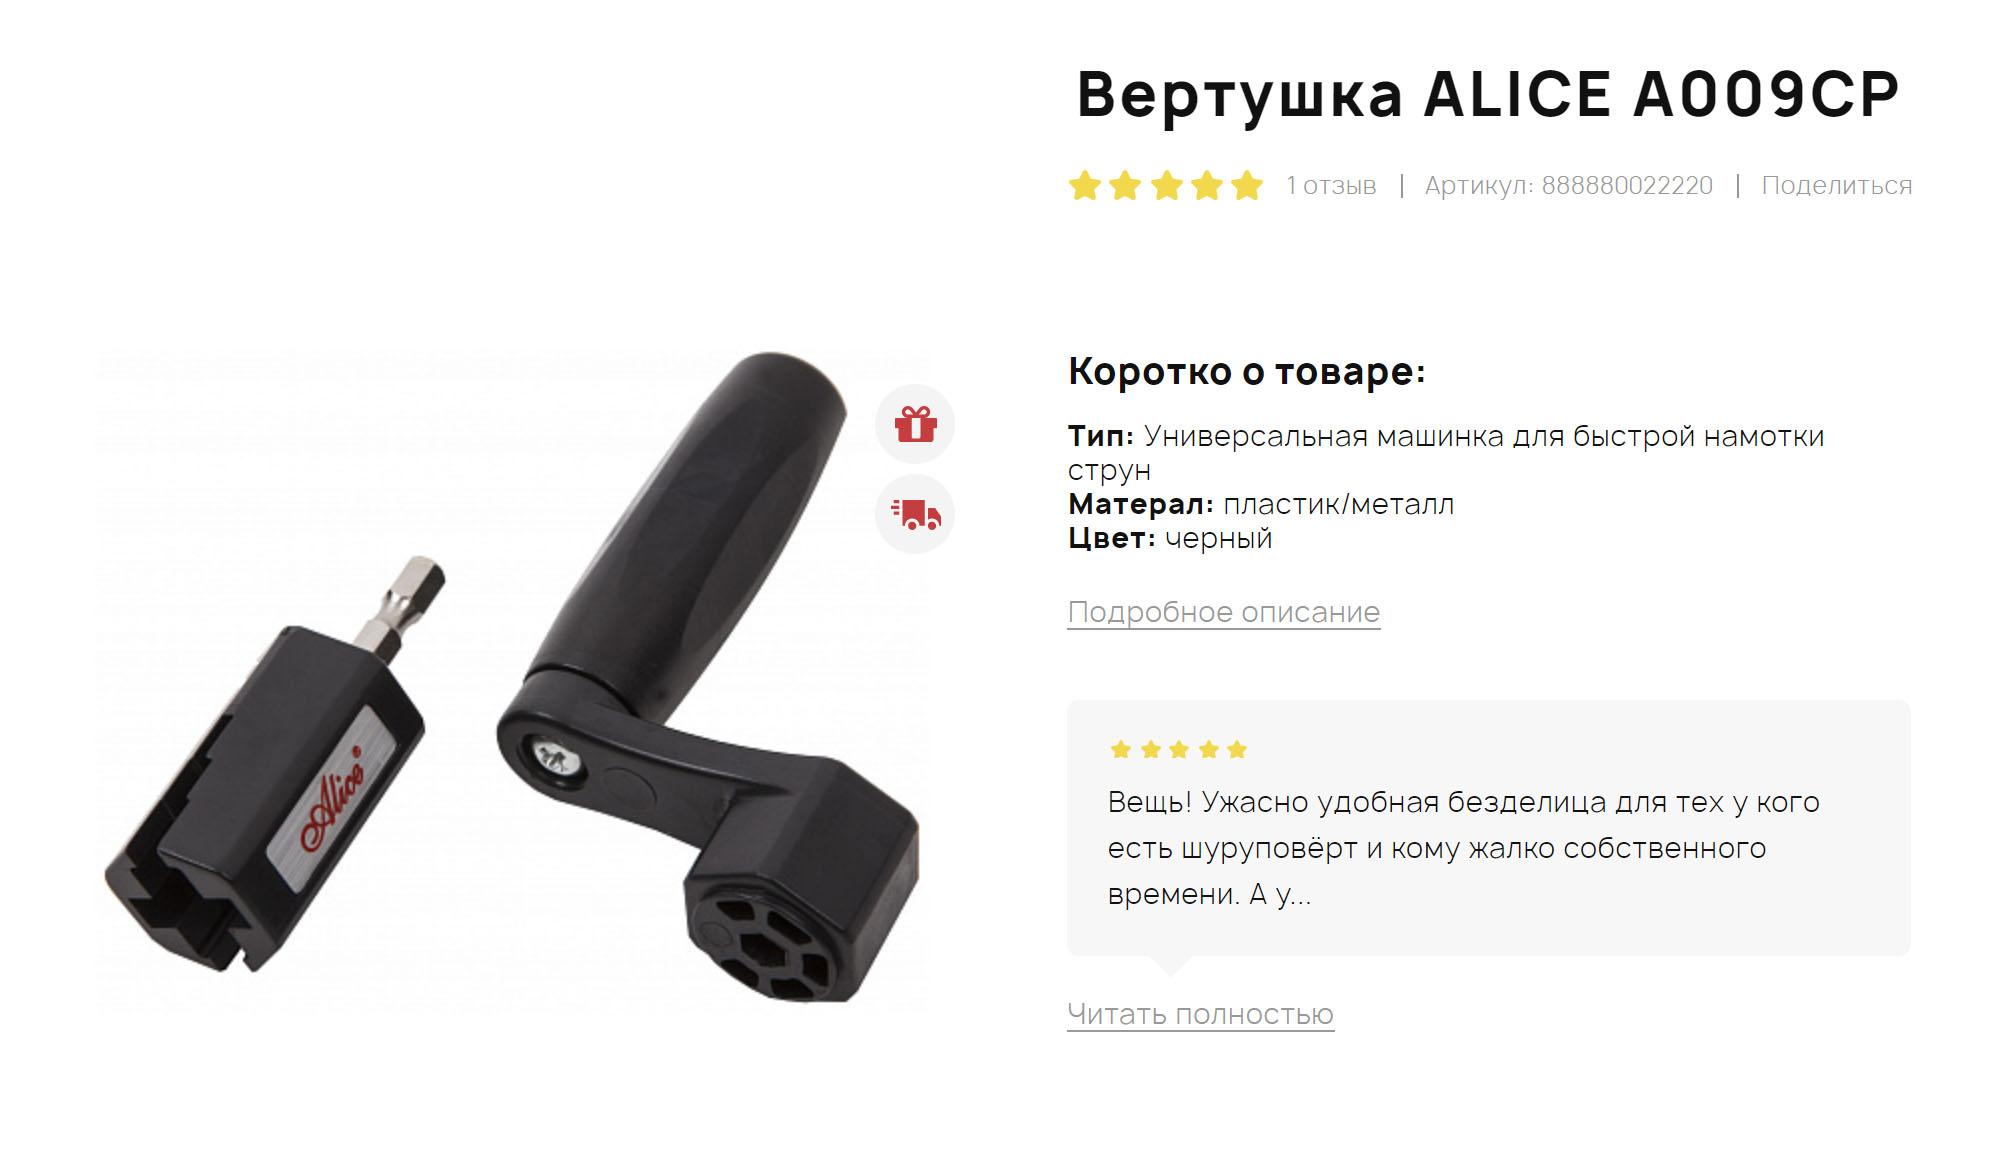 Для быстрой замены струн придумали вертушку для&nbsp;колков. Стоит 300—400<span class=ruble>Р</span>